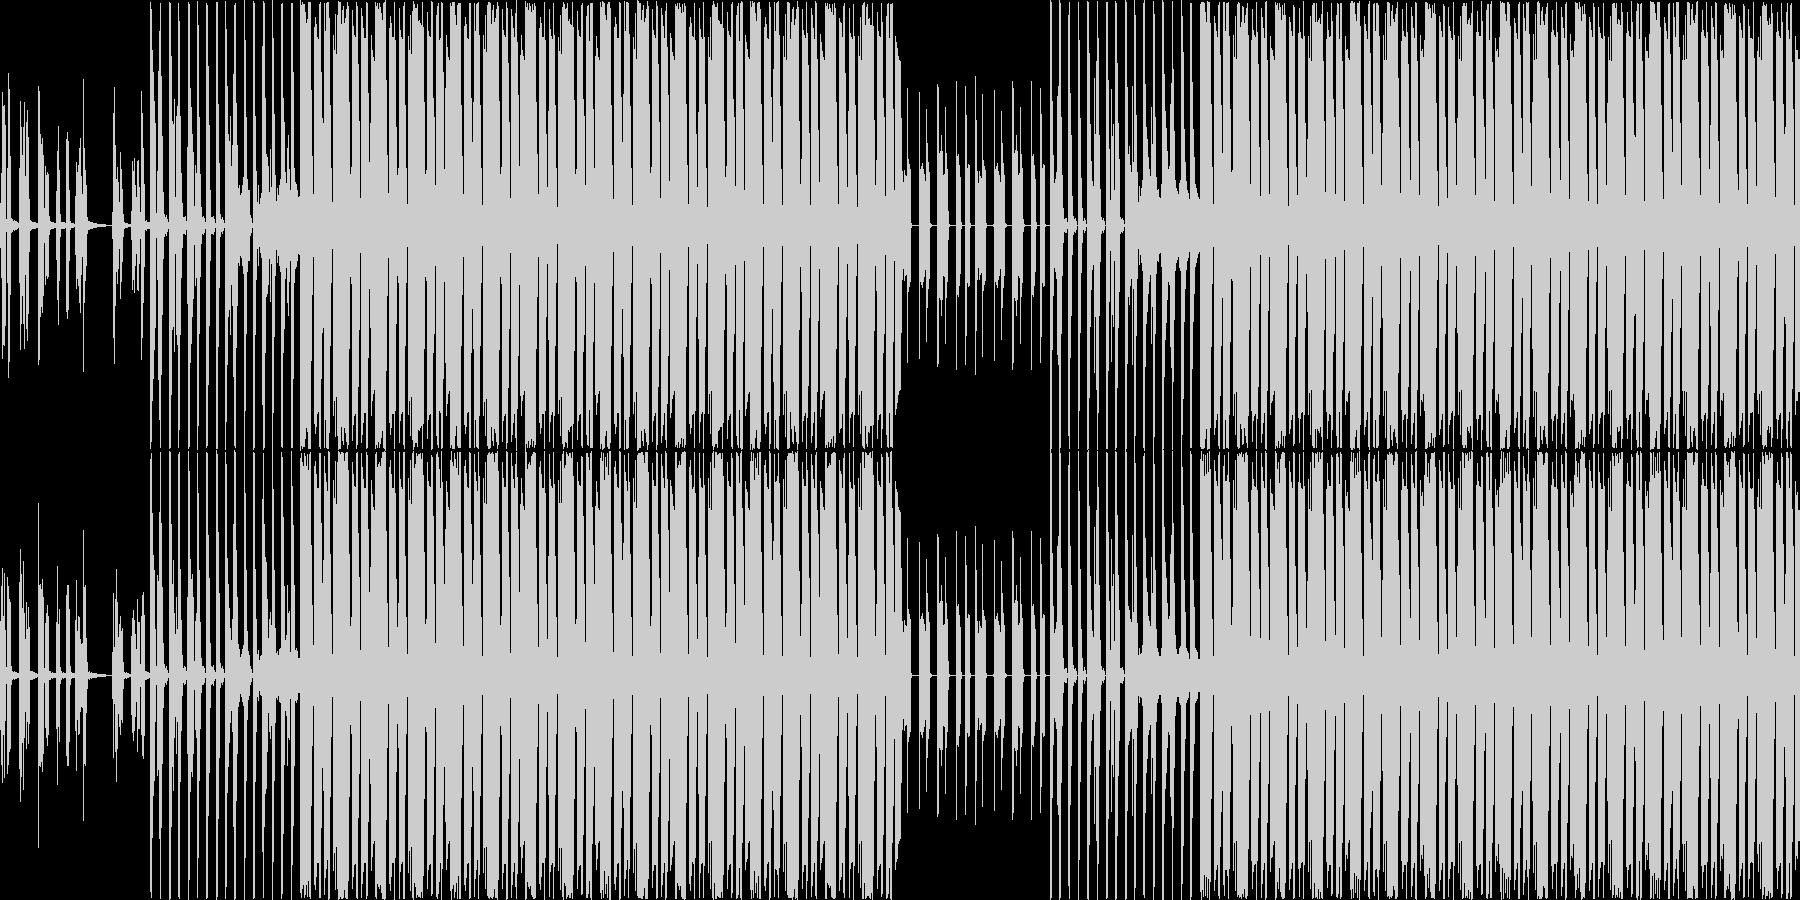 【わくわく/ウキウキなポップス】の未再生の波形